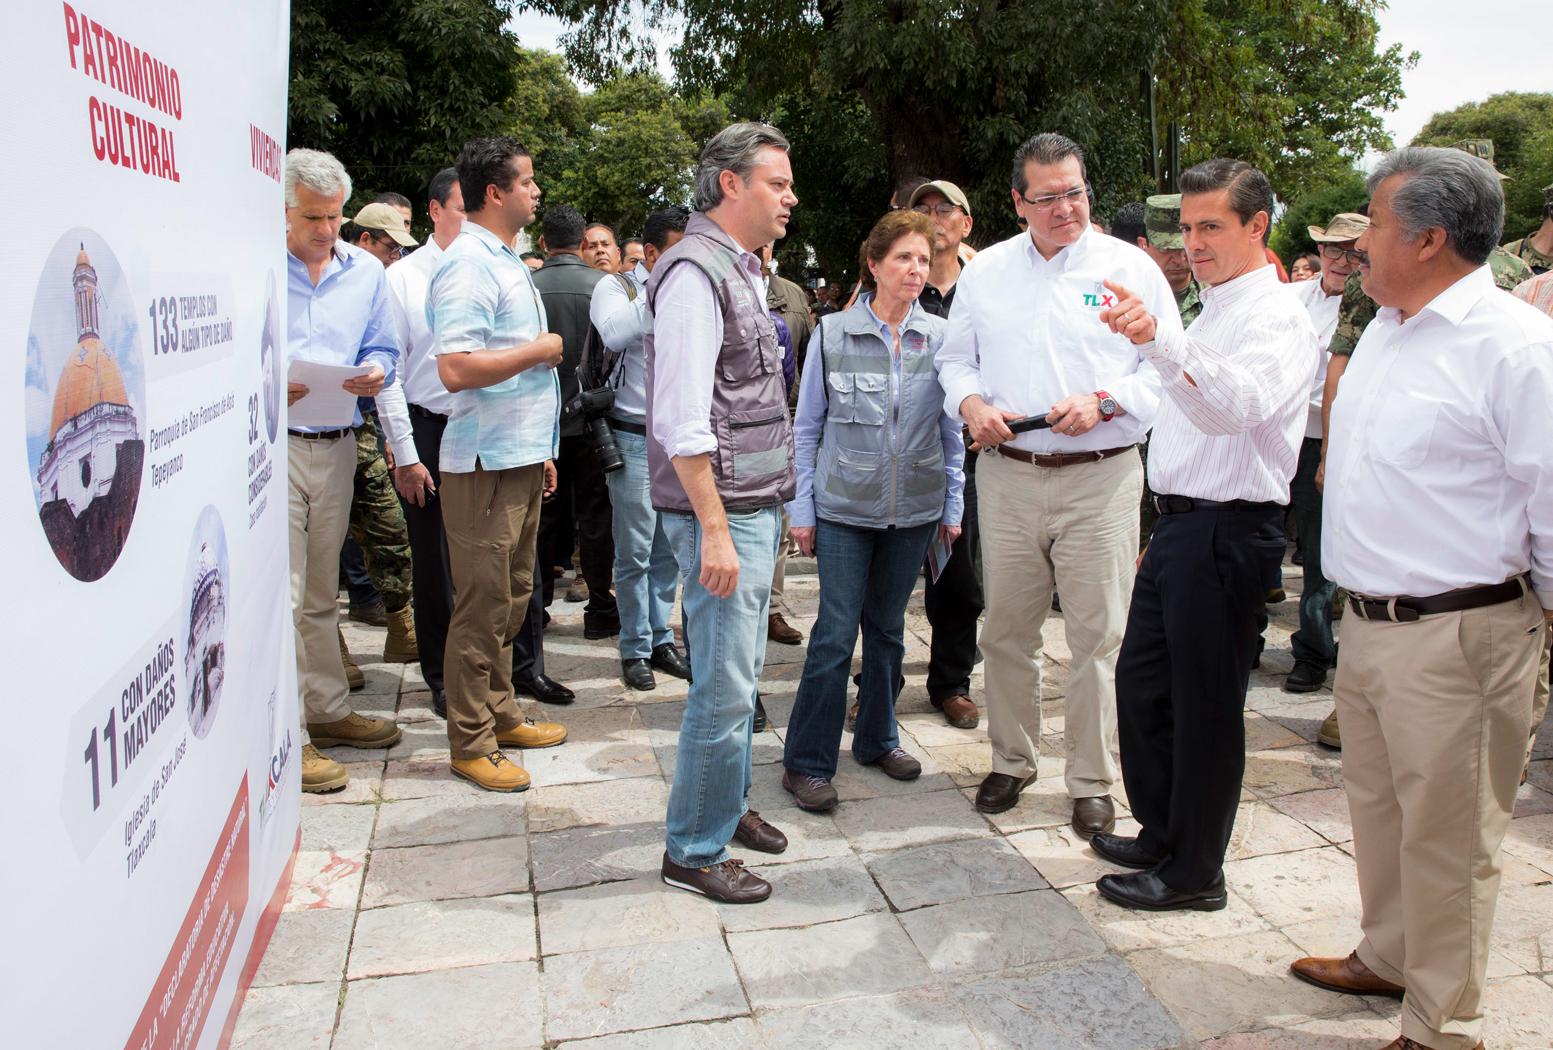 """El 19 de septiembre """"quedará marcada como una fecha en la que, sin duda, es la solidaridad y la unidad entre los mexicanos lo que está permitiéndonos ponernos de pie y estar por encima de este momento adverso"""": EPN"""